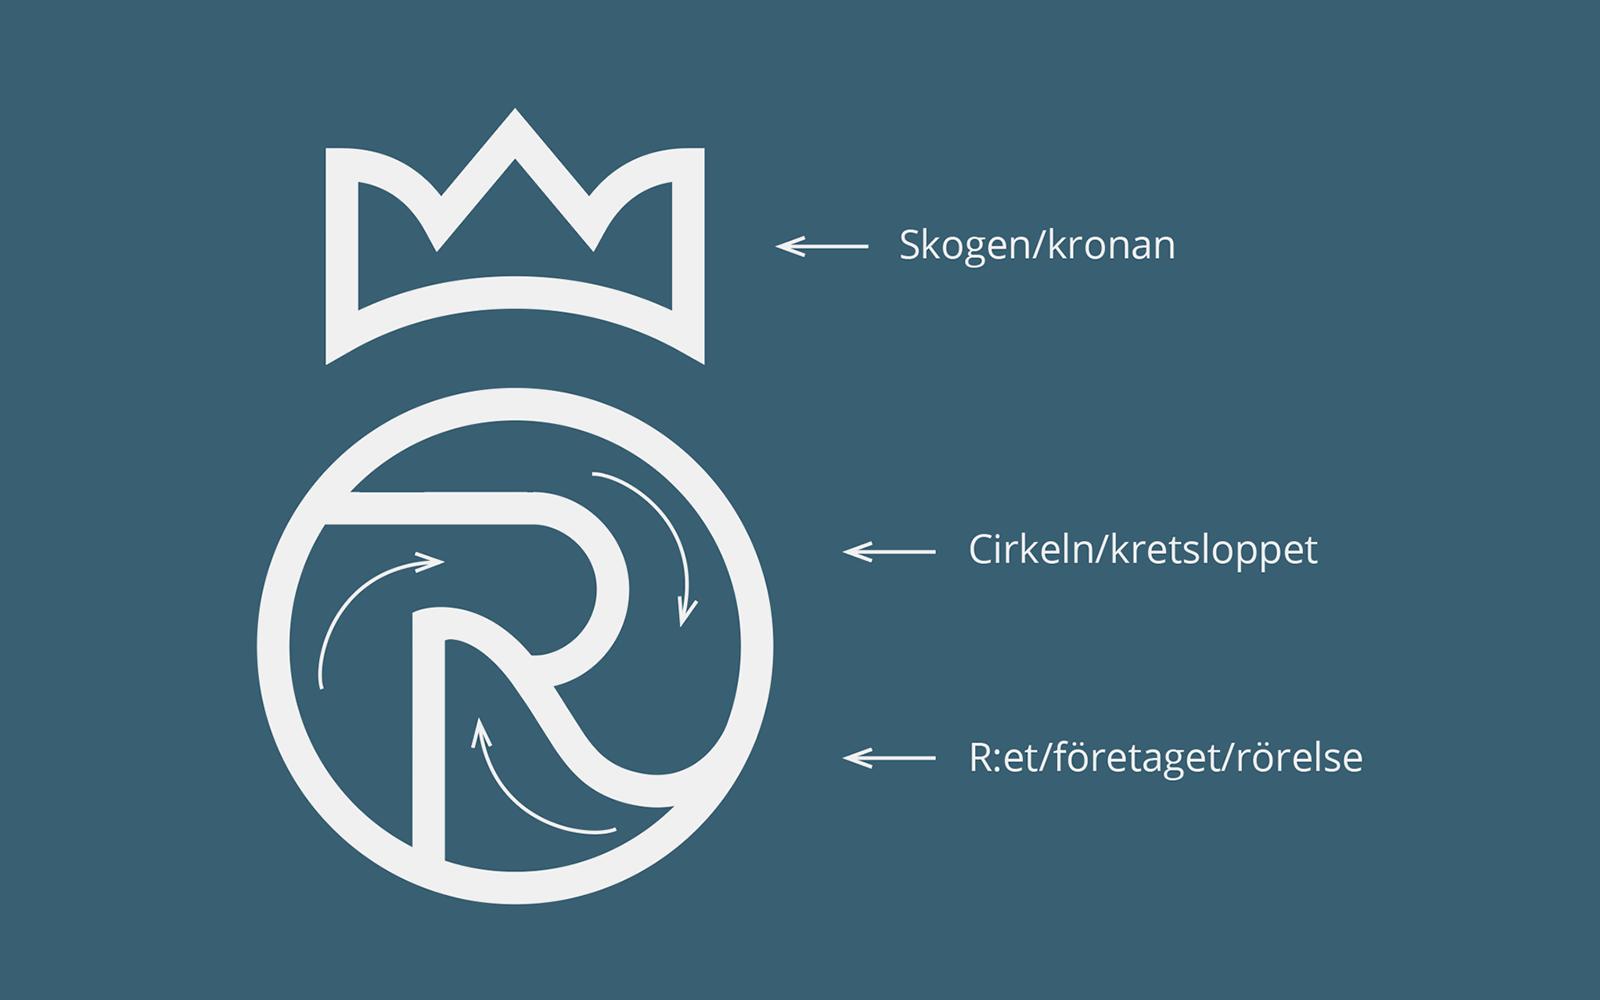 Förklaring av de olika delarna i Rottneros logotype